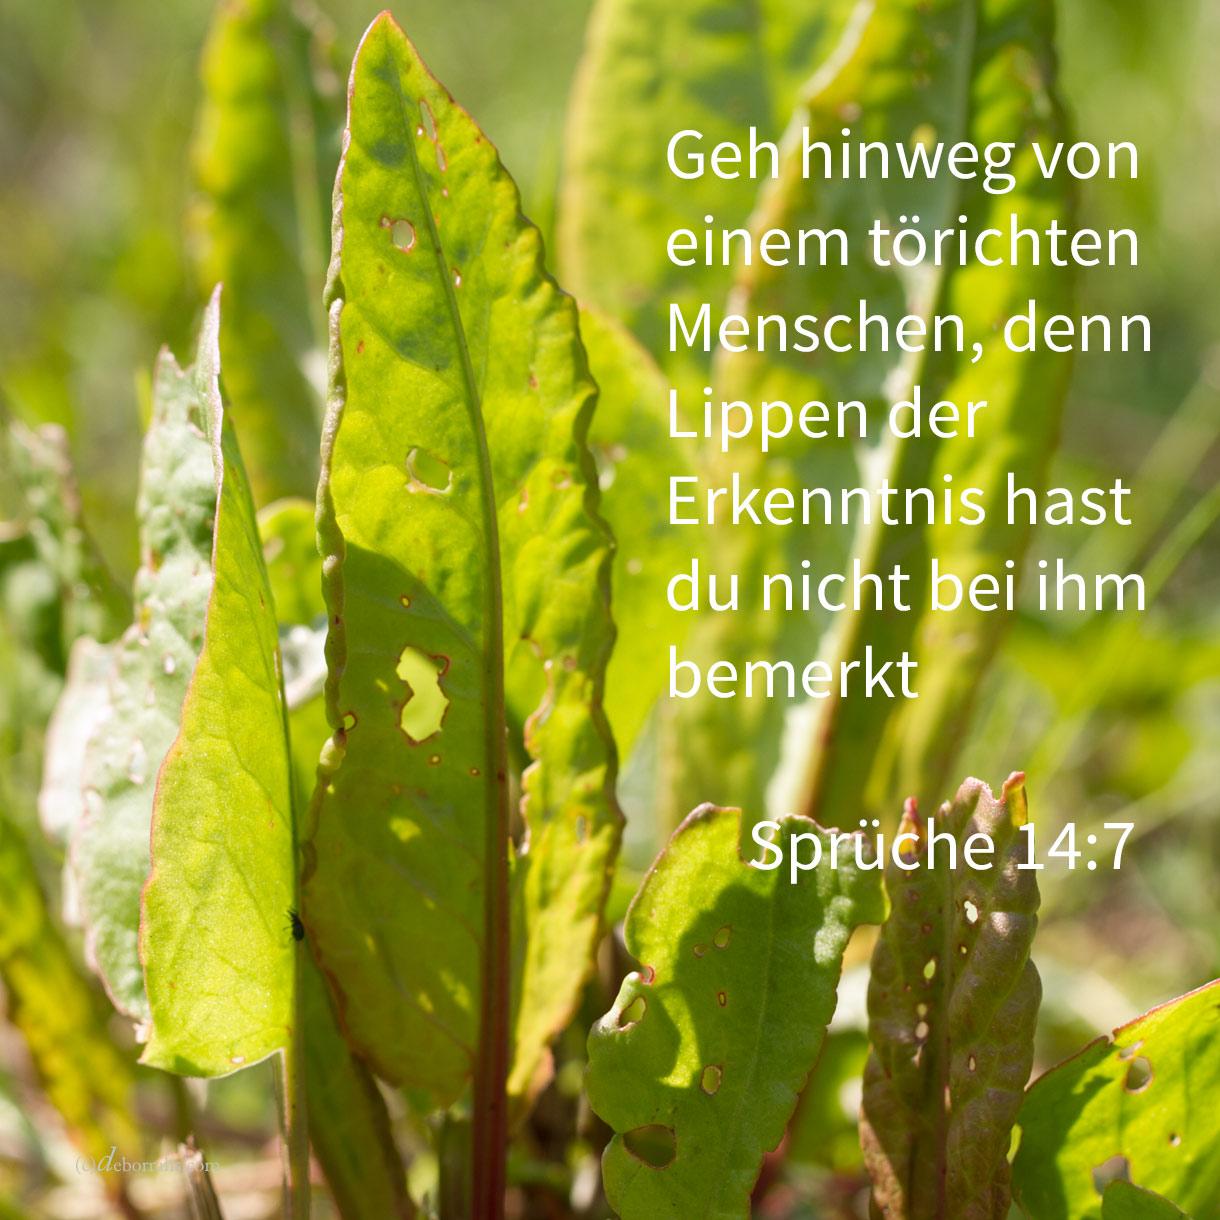 Geh hinweg von einem törichten Menschen, denn Lippen der Erkenntnis hast du nicht bei ihm bemerkt ( Sprüche 14,7 )